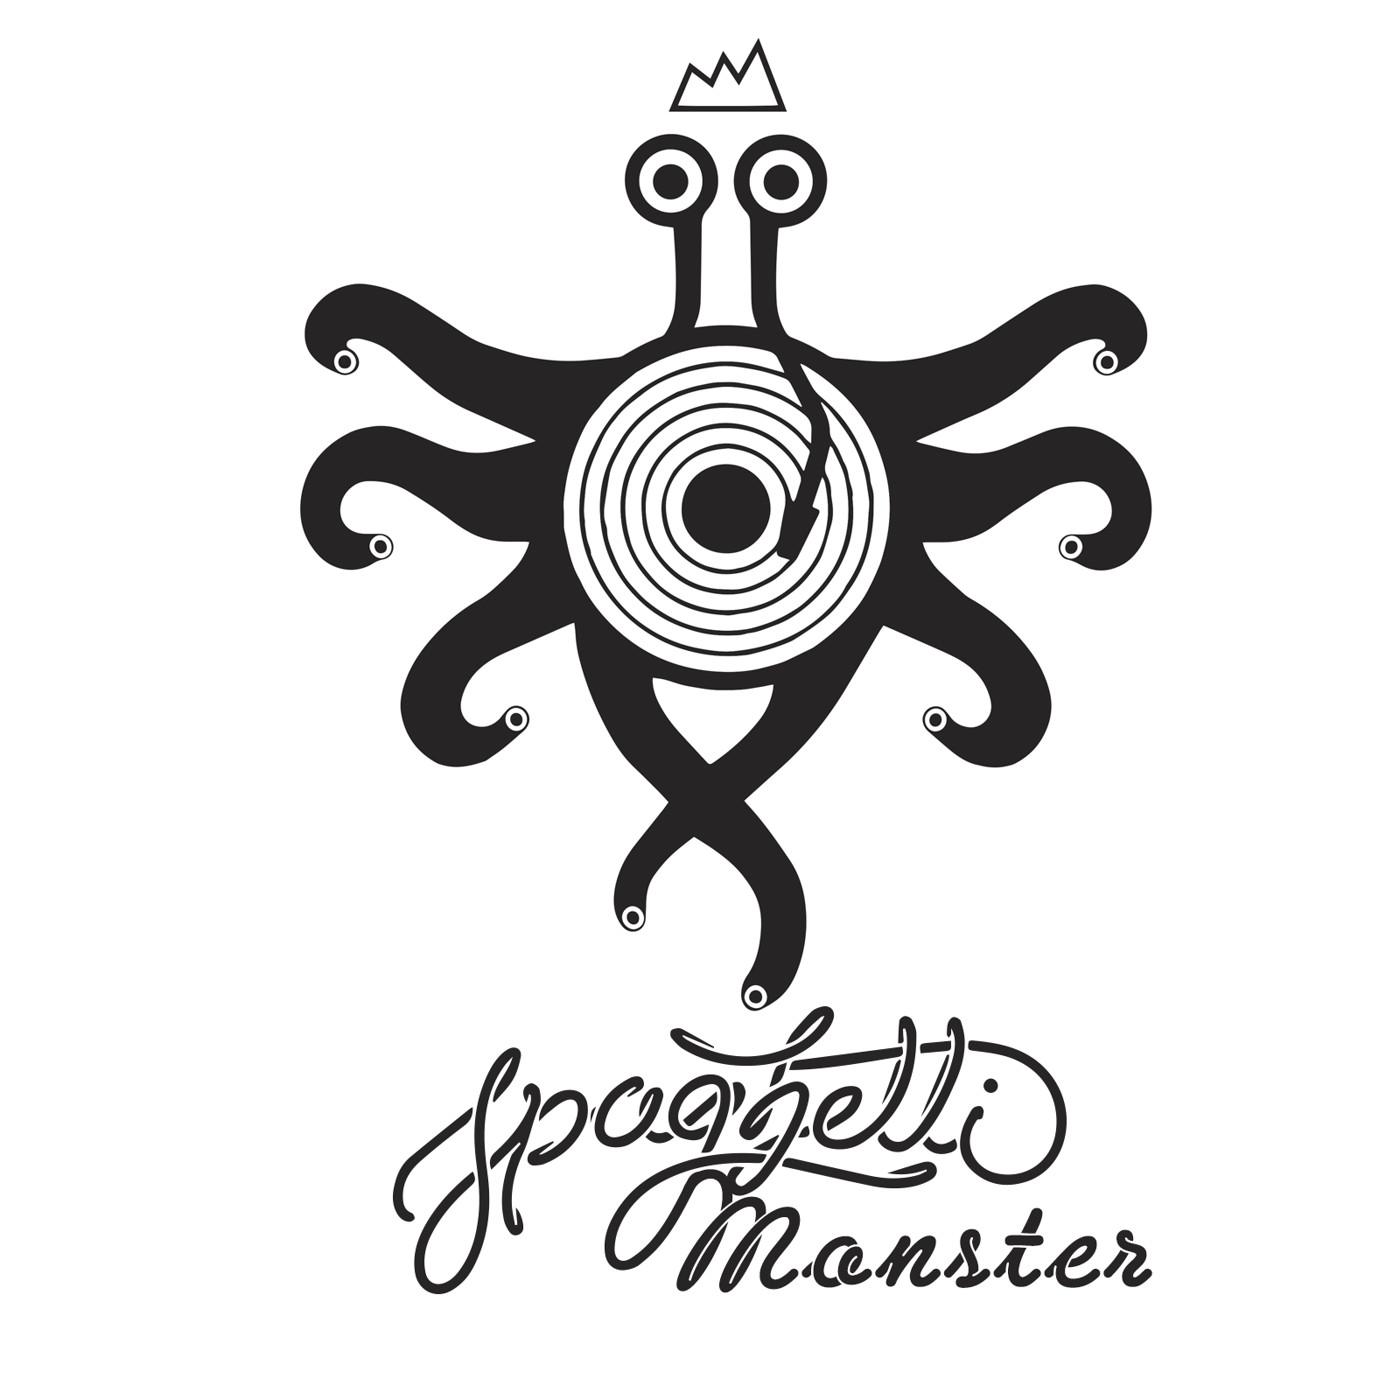 Spaghetti Monster Recordings